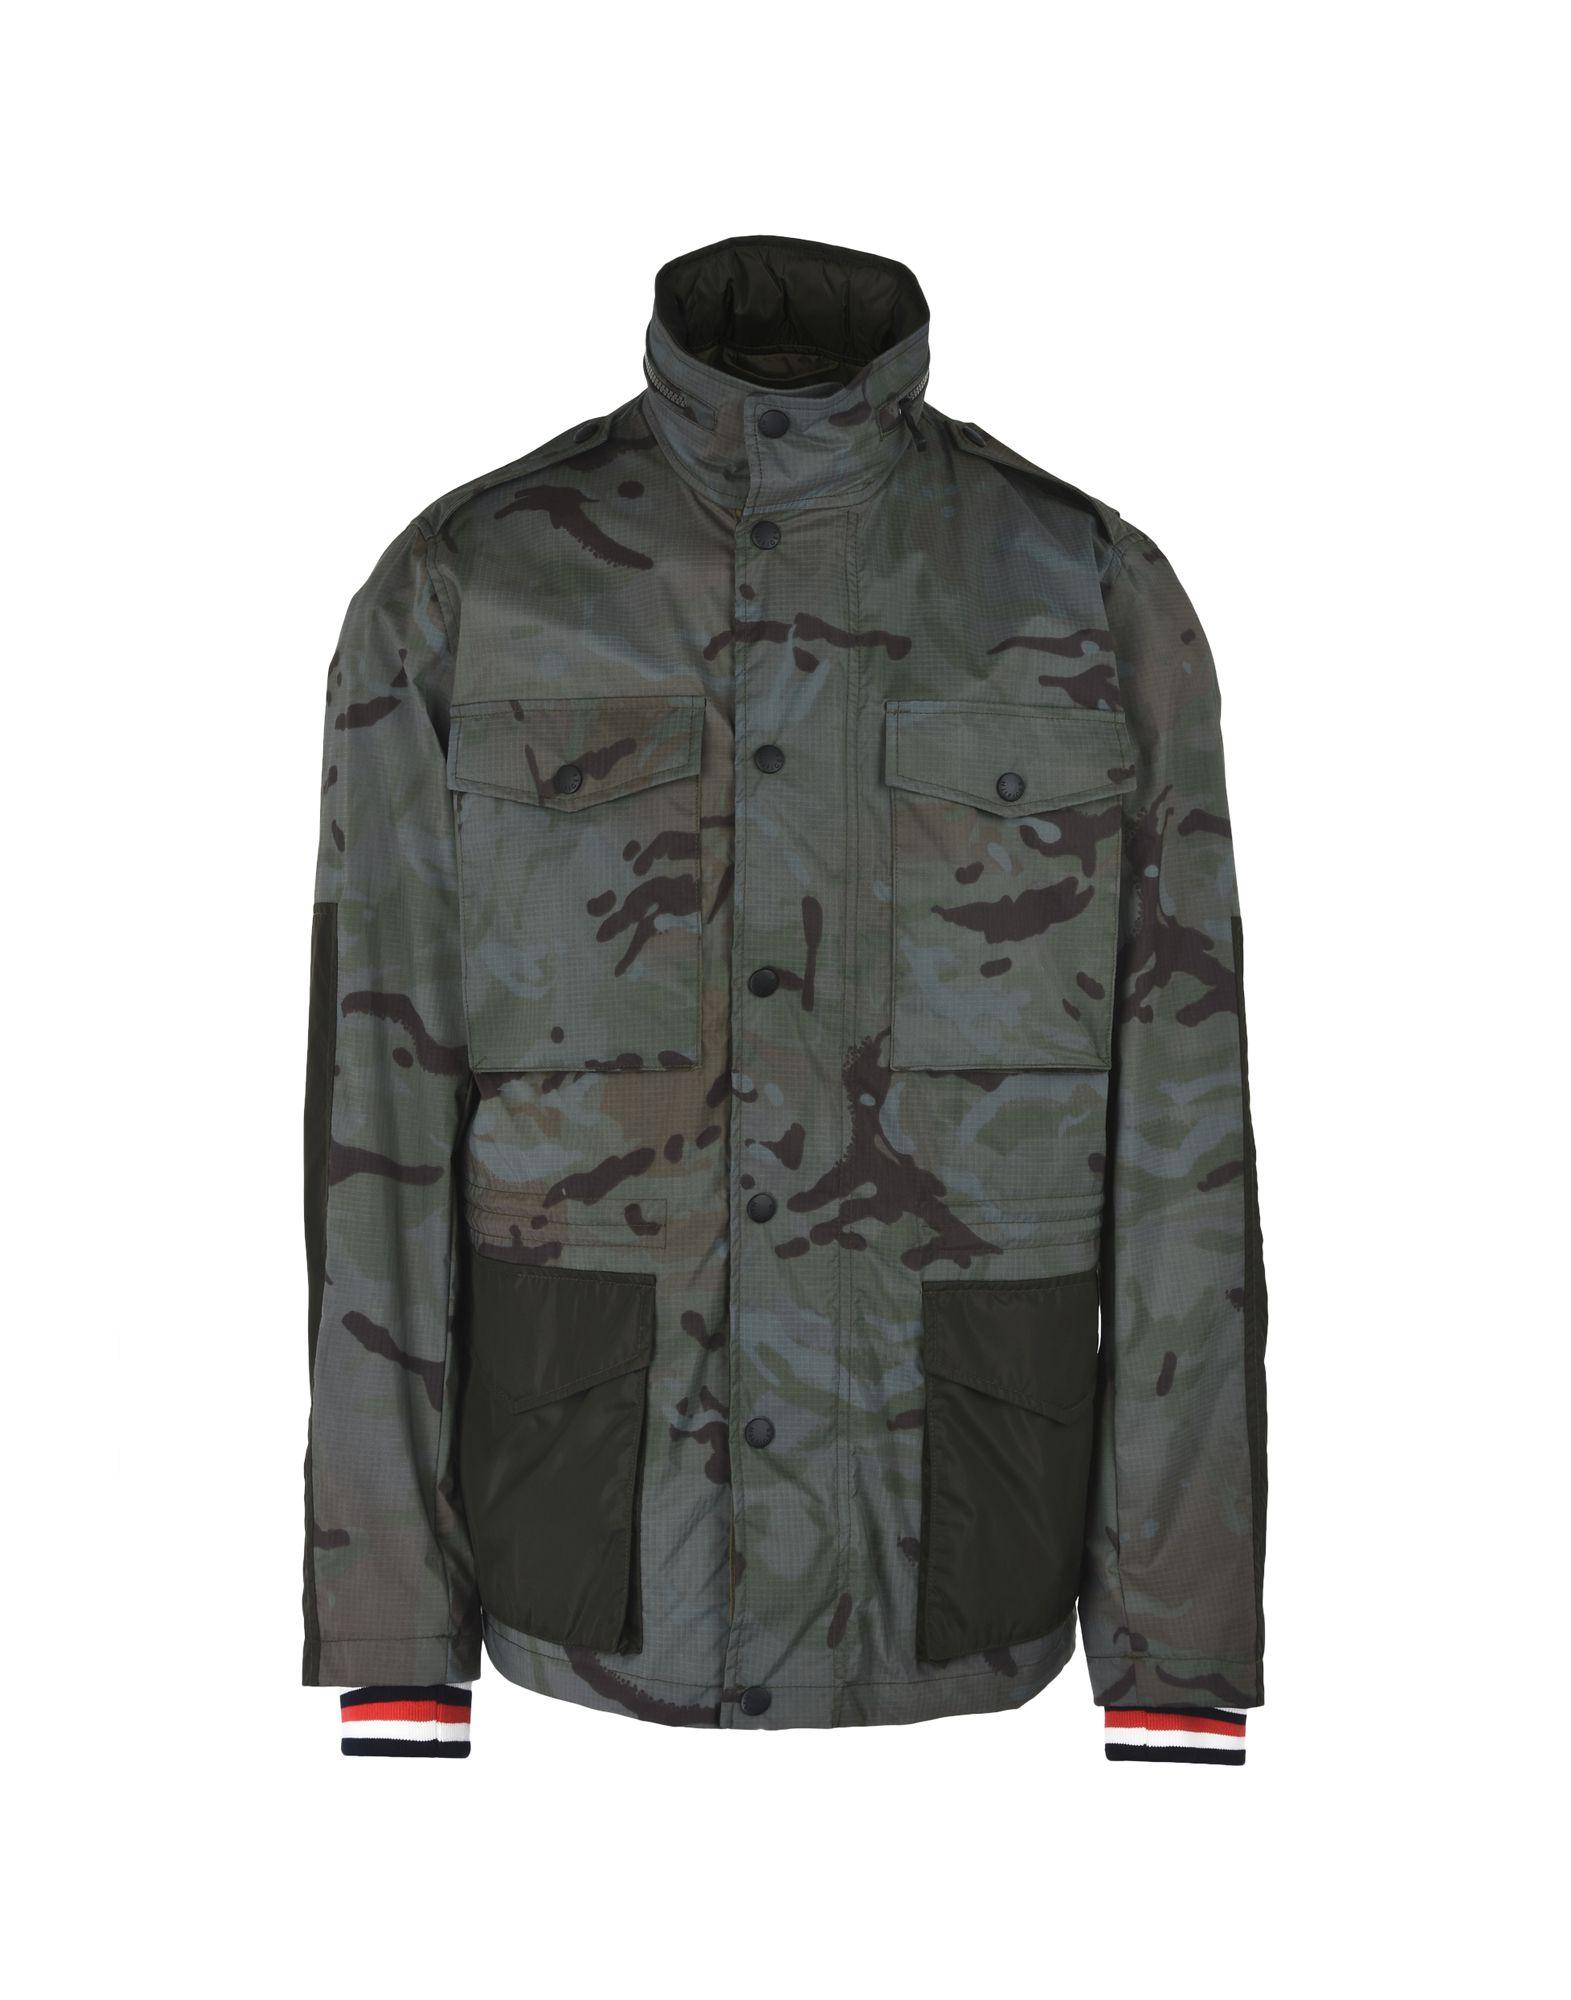 Giubbotto Tommy Hilfiger Camo Af Jacket - Uomo - Acquista online su